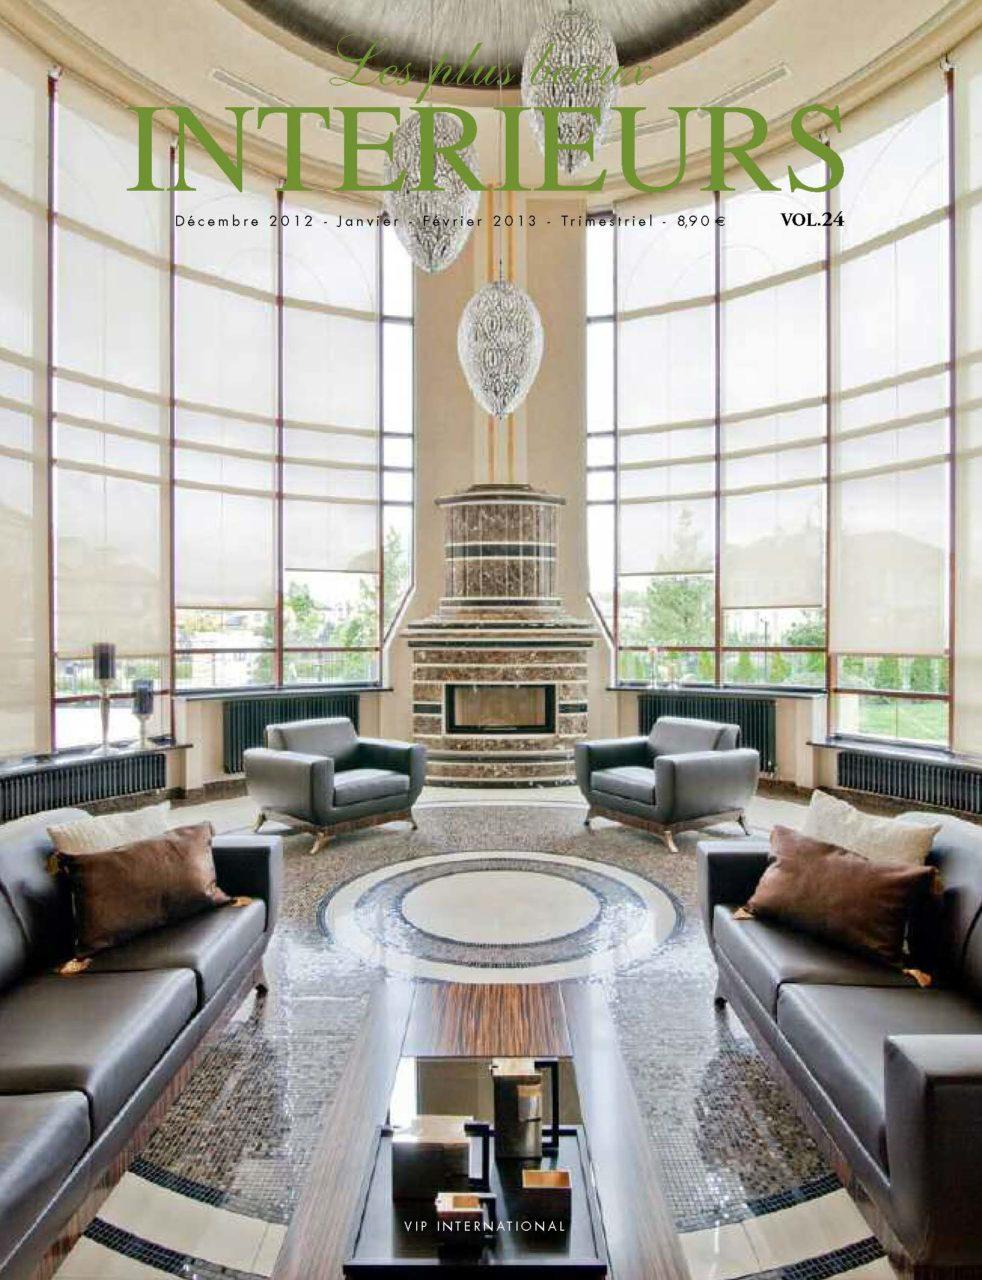 http://www.saota.com/wp-content/uploads/2018/01/Les-Plus-Beaux-Interieurs_Nettleton-198_December-2012_Page_1.jpg